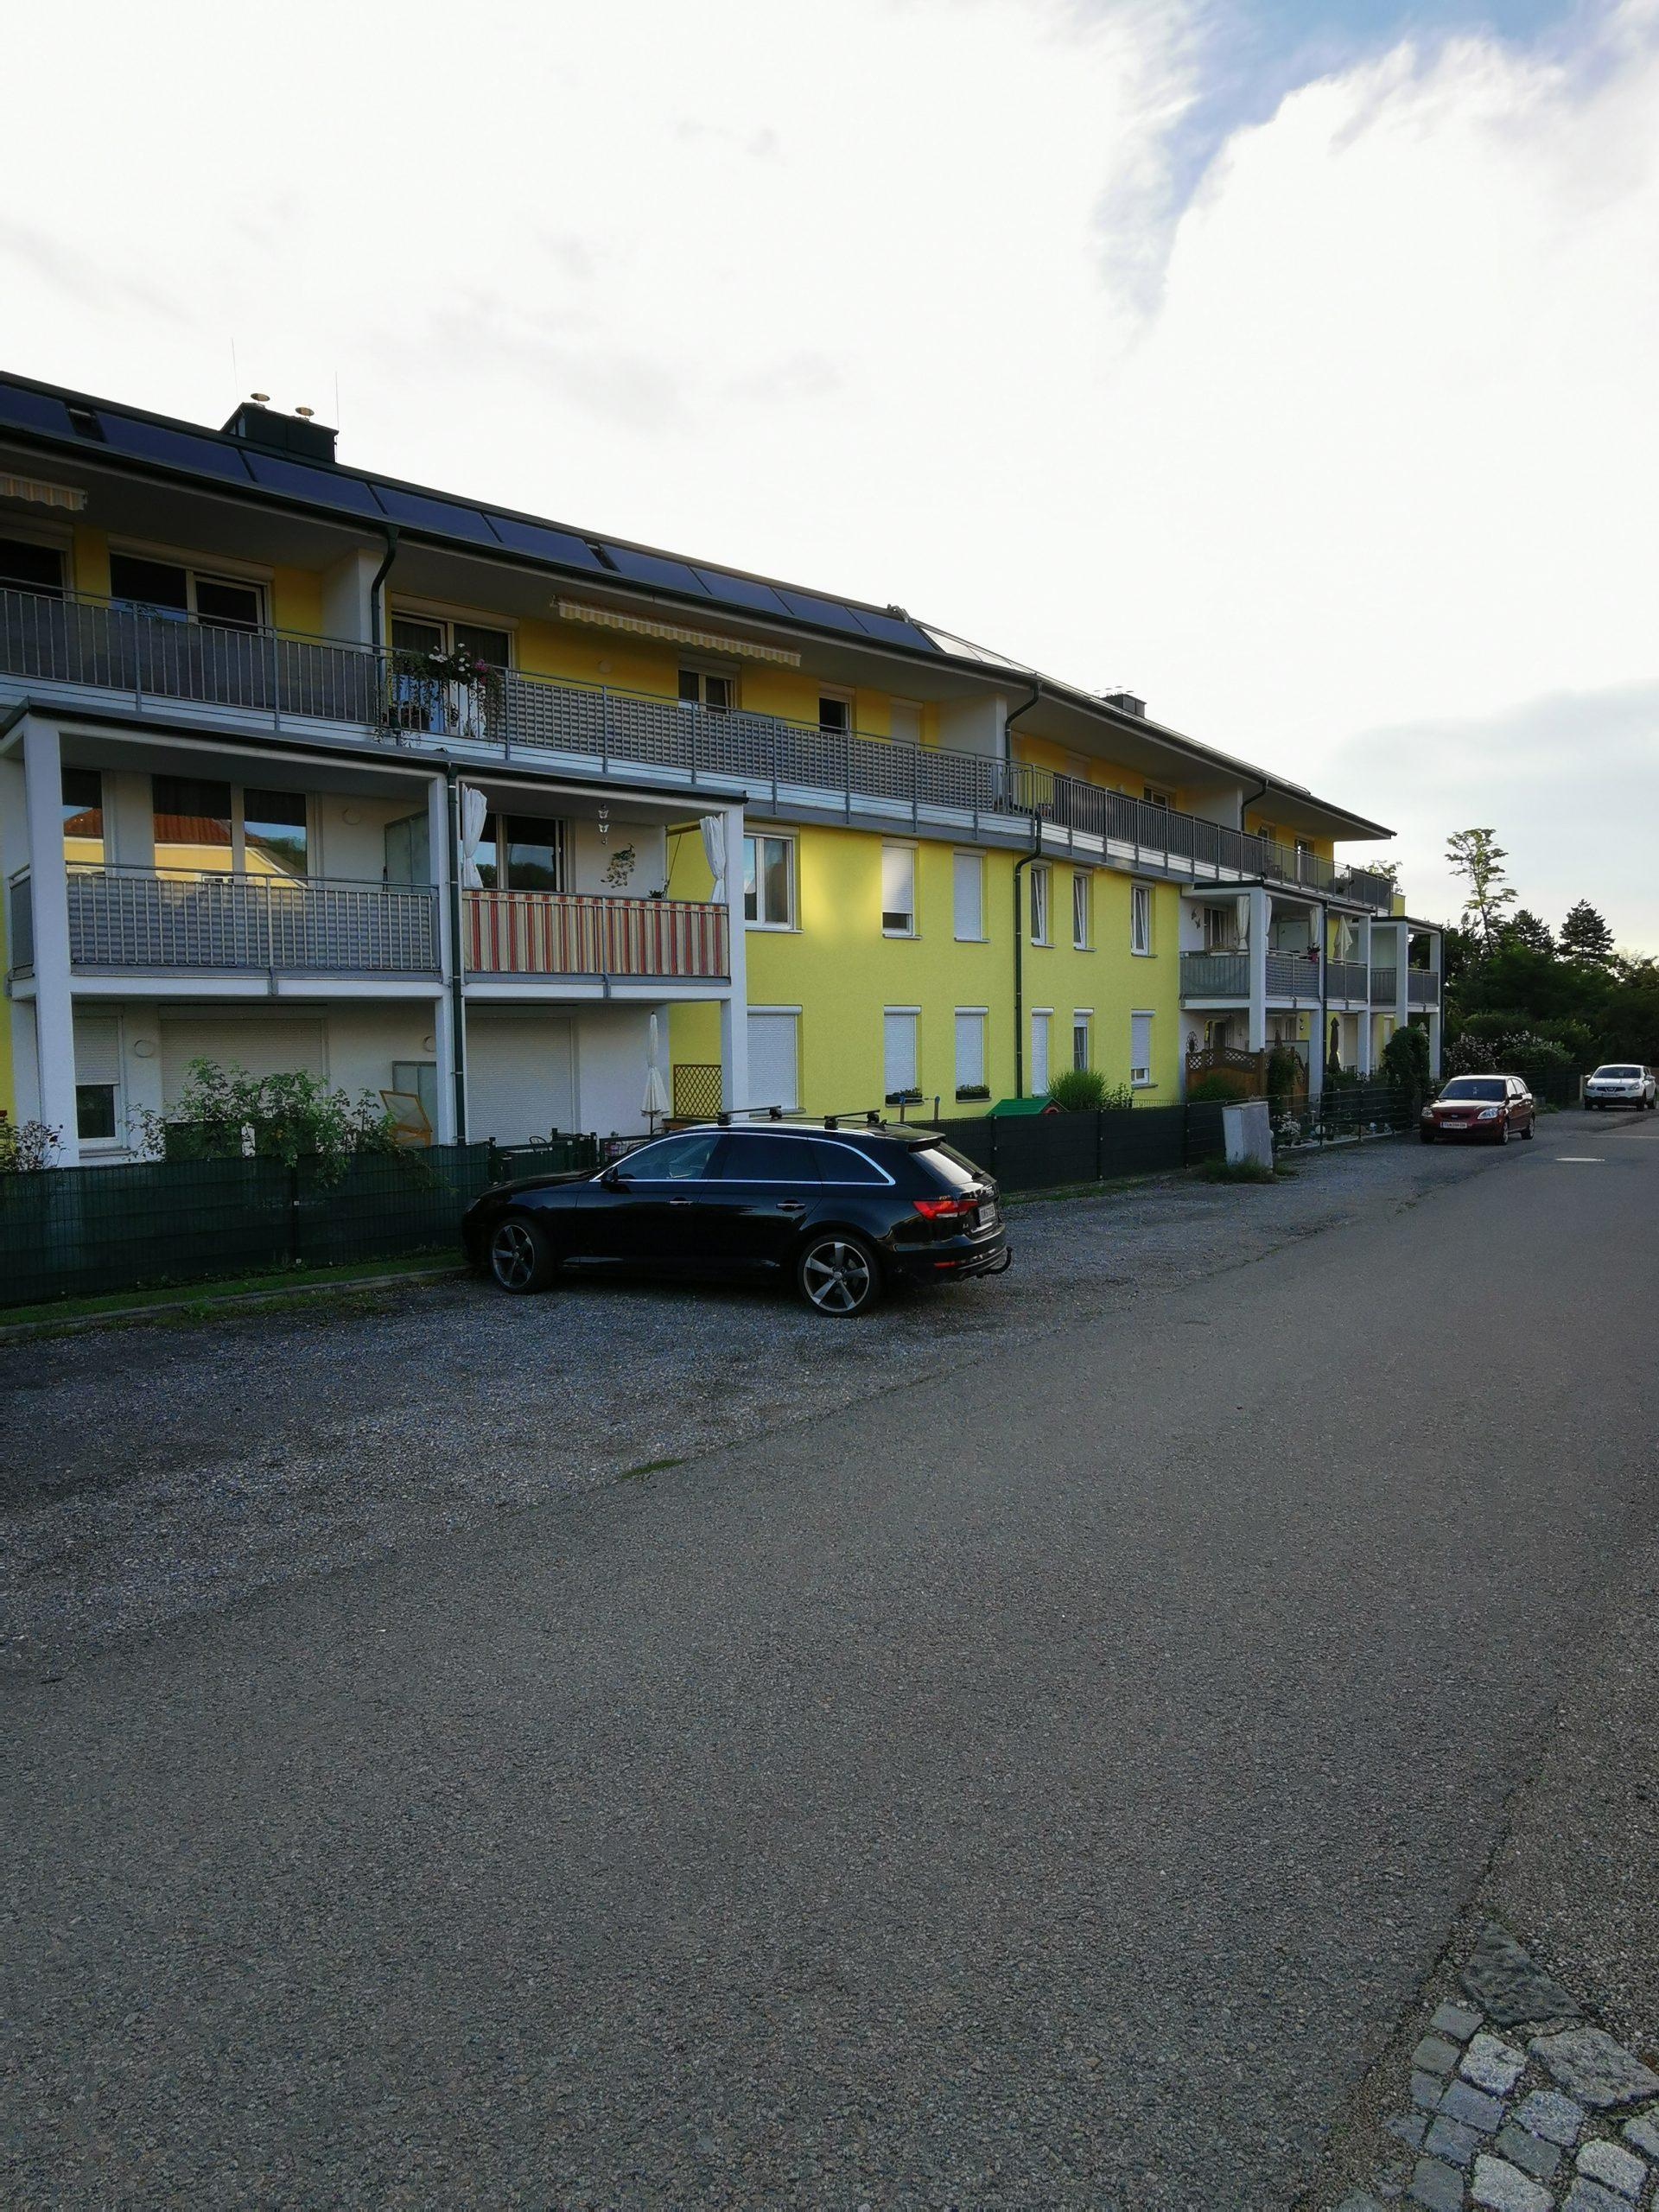 Immobilie von Kamptal in 3701 Großweikersdorf, Tulln, Großweikersdorf I/2 - Top 7 #8